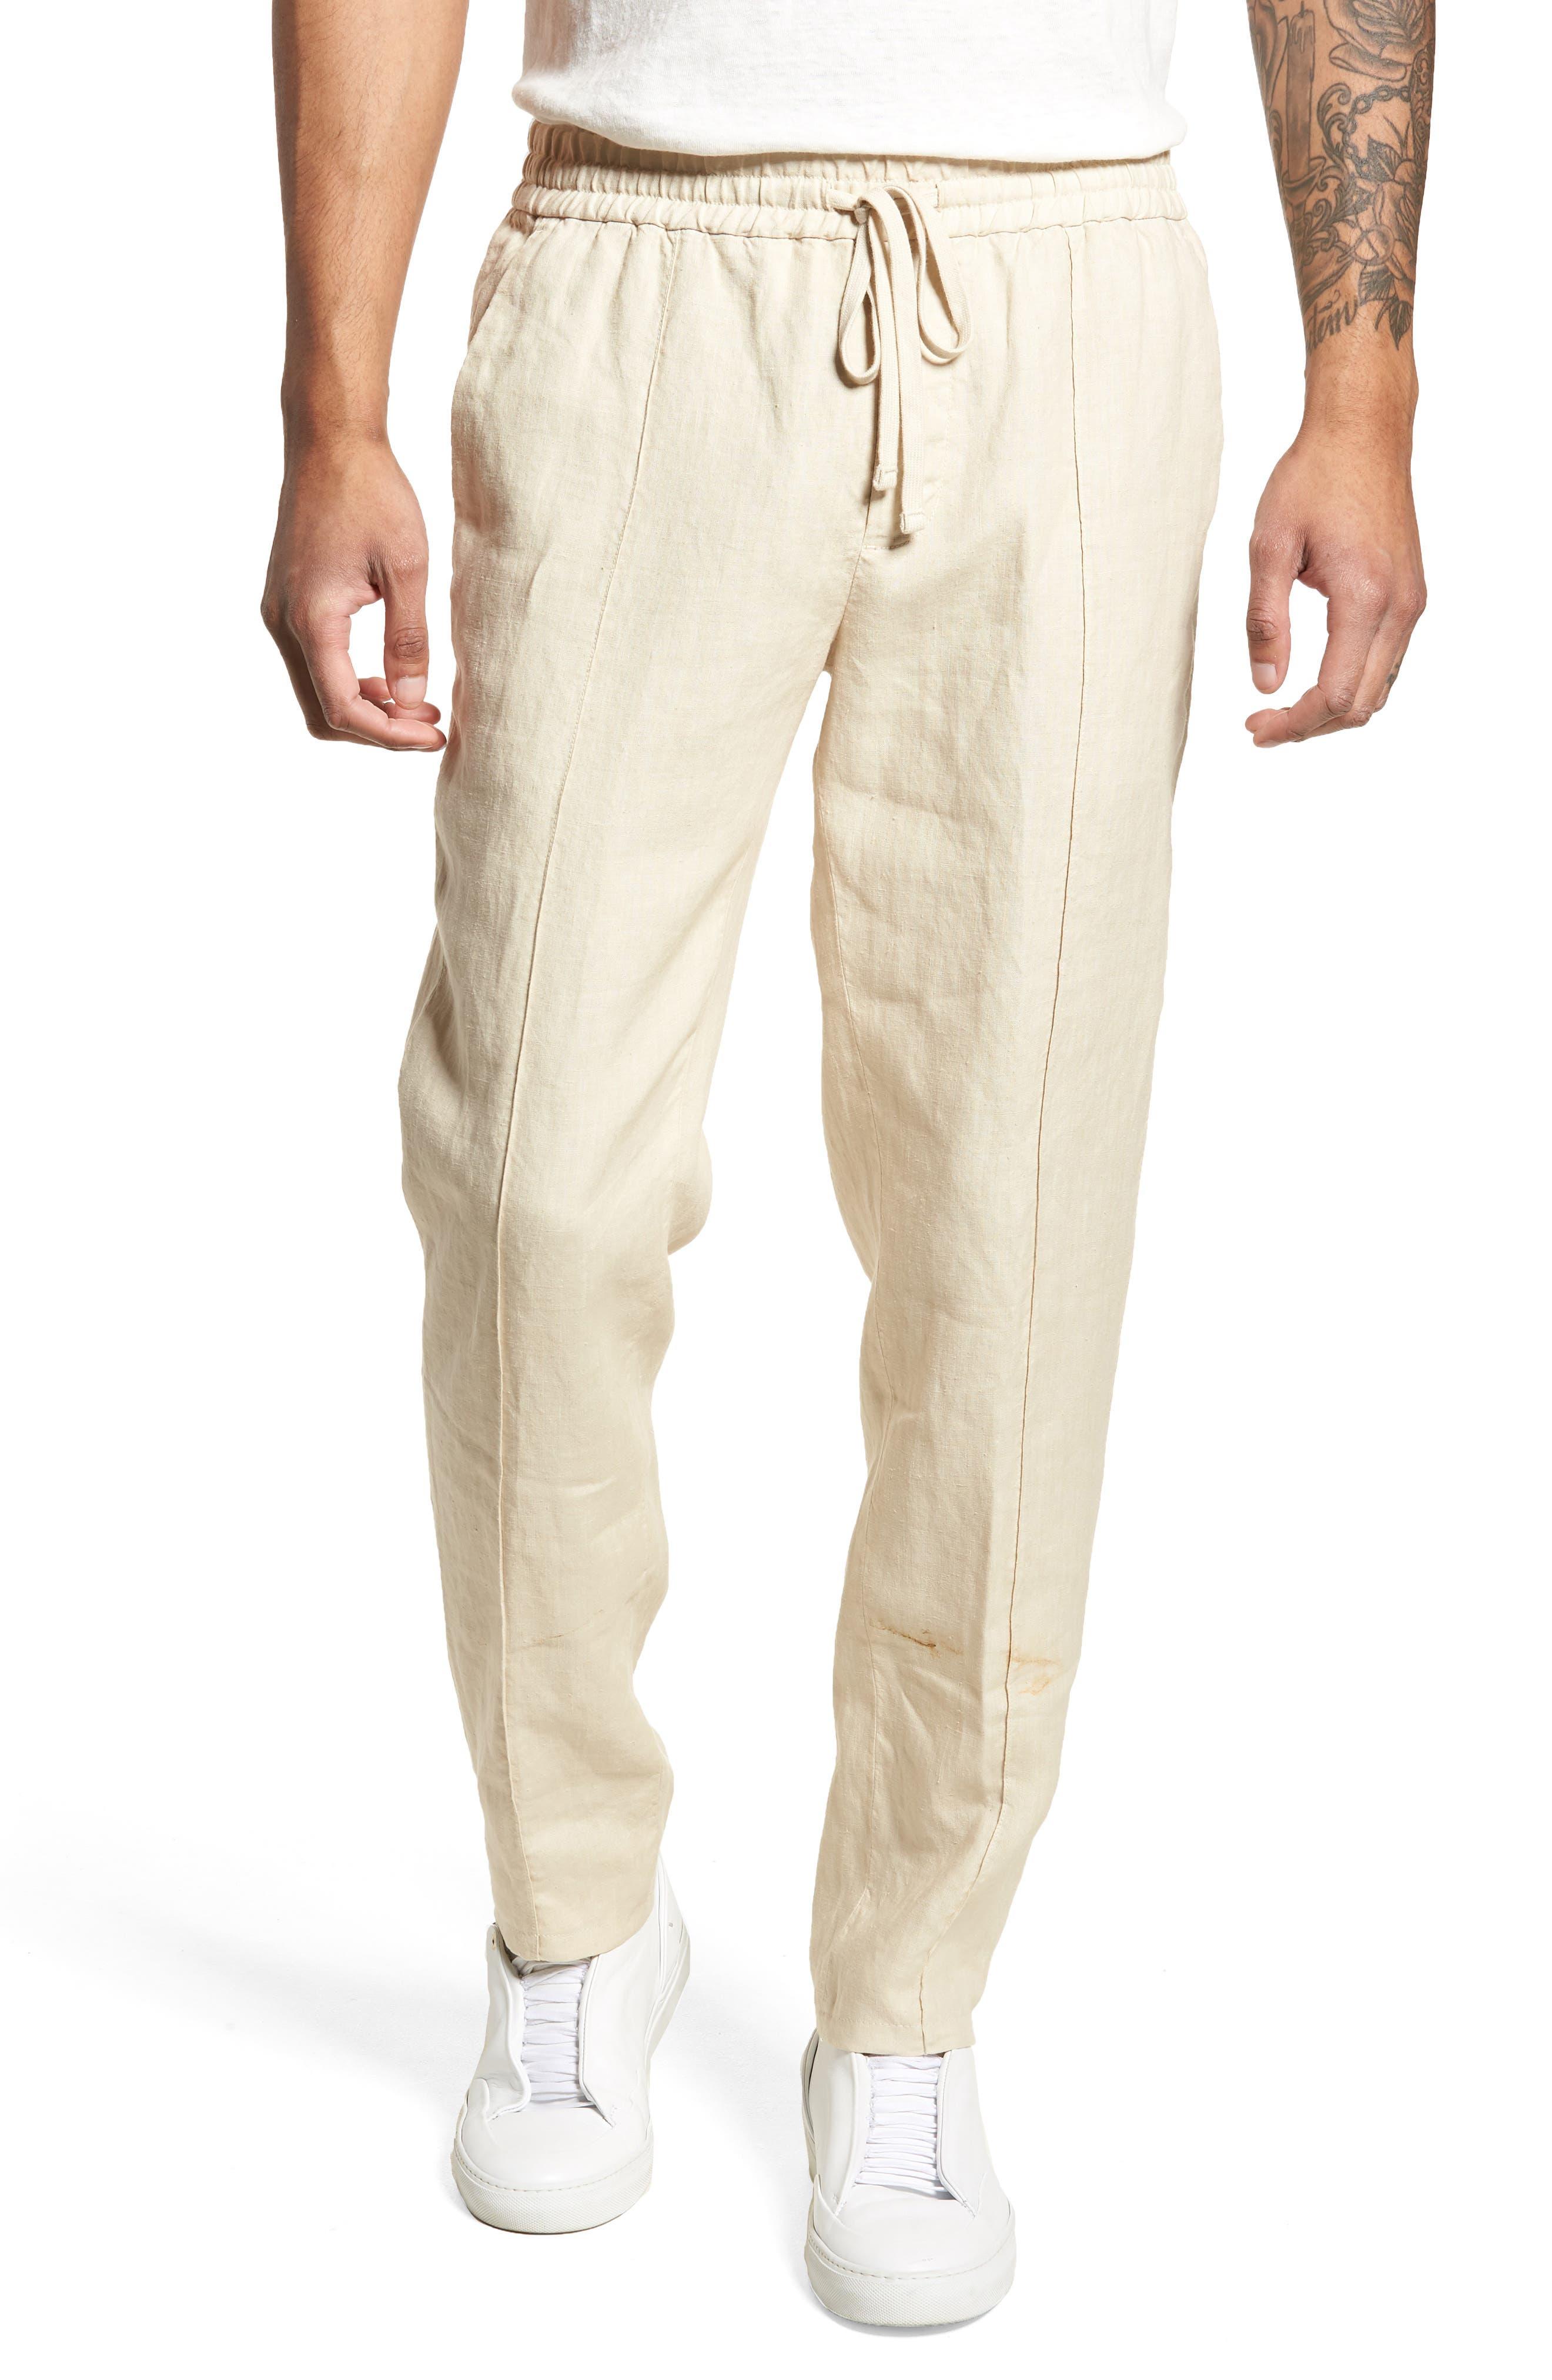 Pintuck Slim Fit Hemp Track Pants,                         Main,                         color, 250